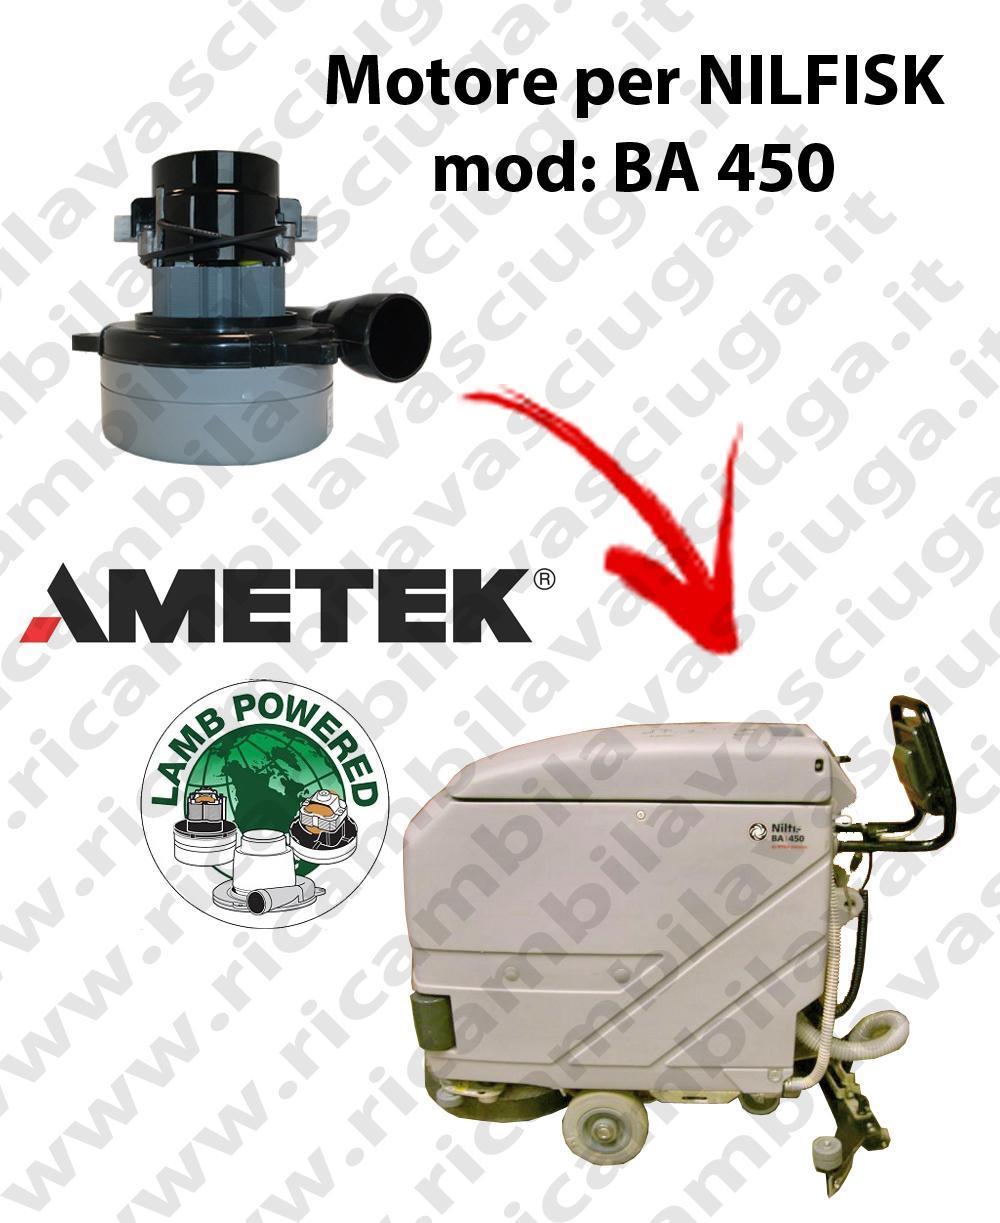 BA 450 MOTEUR ASPIRATION LAMB AMETEK pour autolaveuses NILFISK